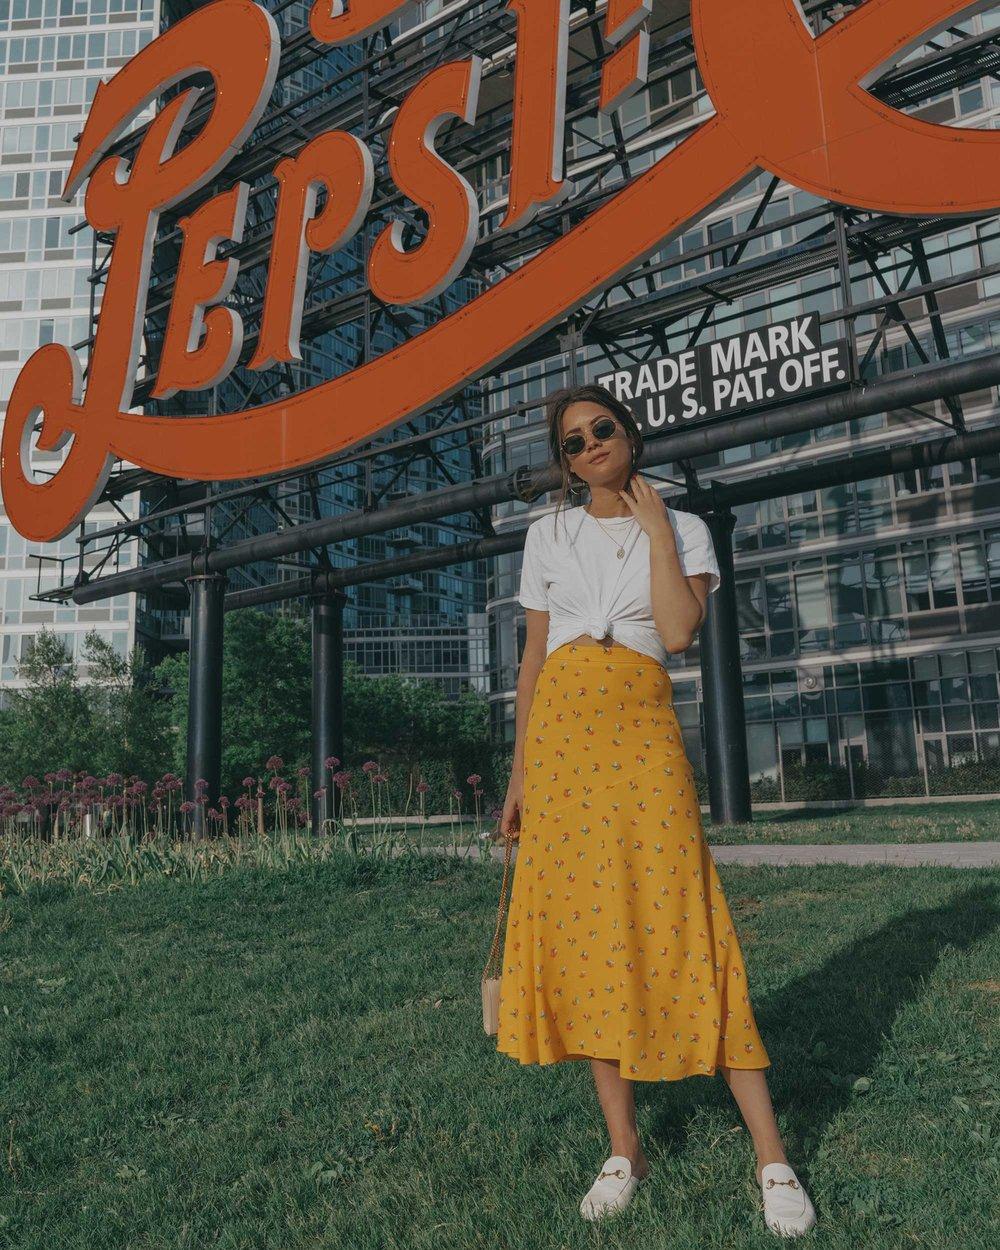 yellow floral midi skirt pepsi cola sign long island city7.jpg